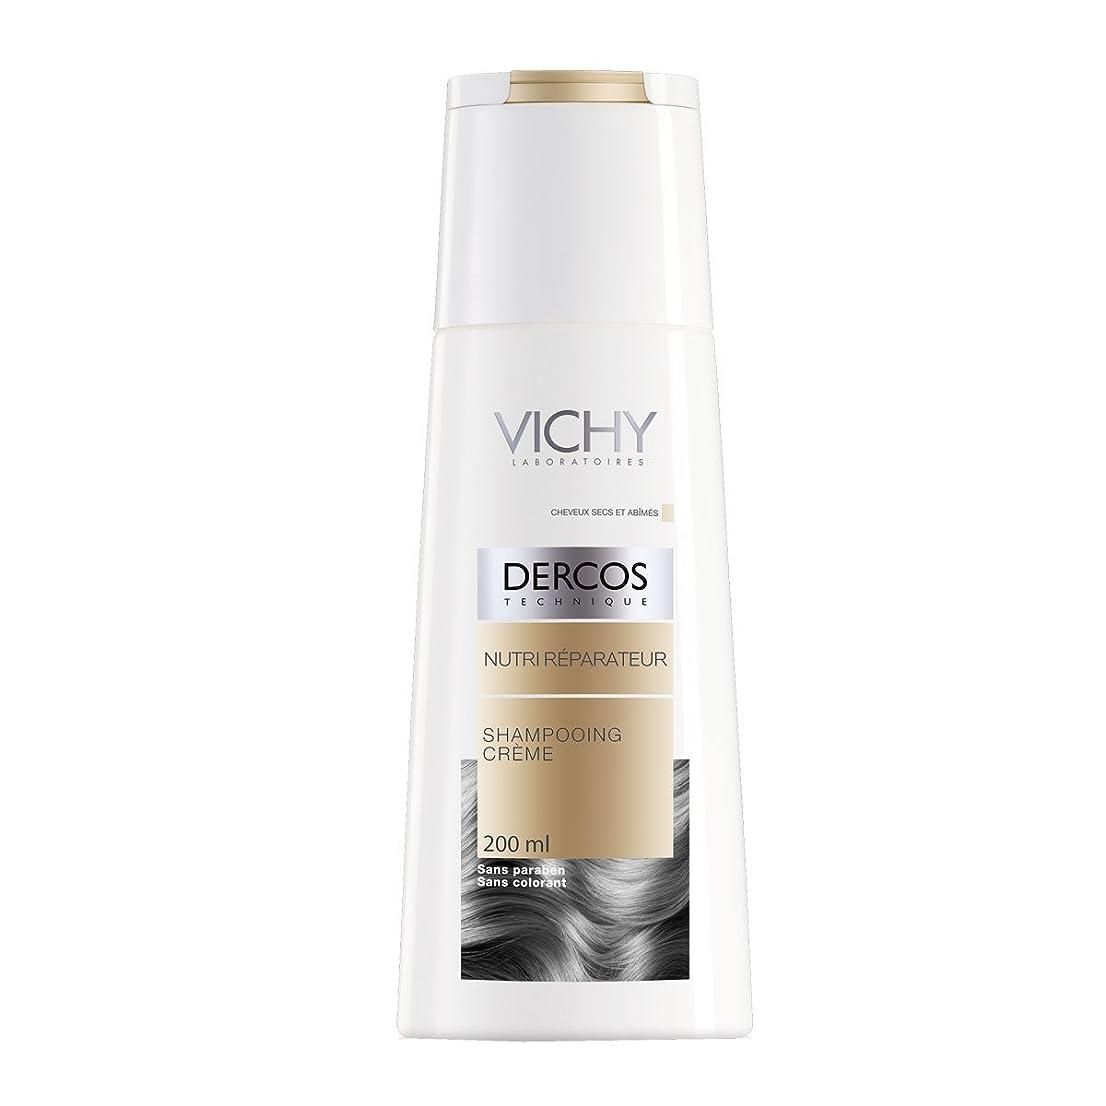 規範ばかげた滑りやすいDercos Reparative Shampoo 200ml [並行輸入品]